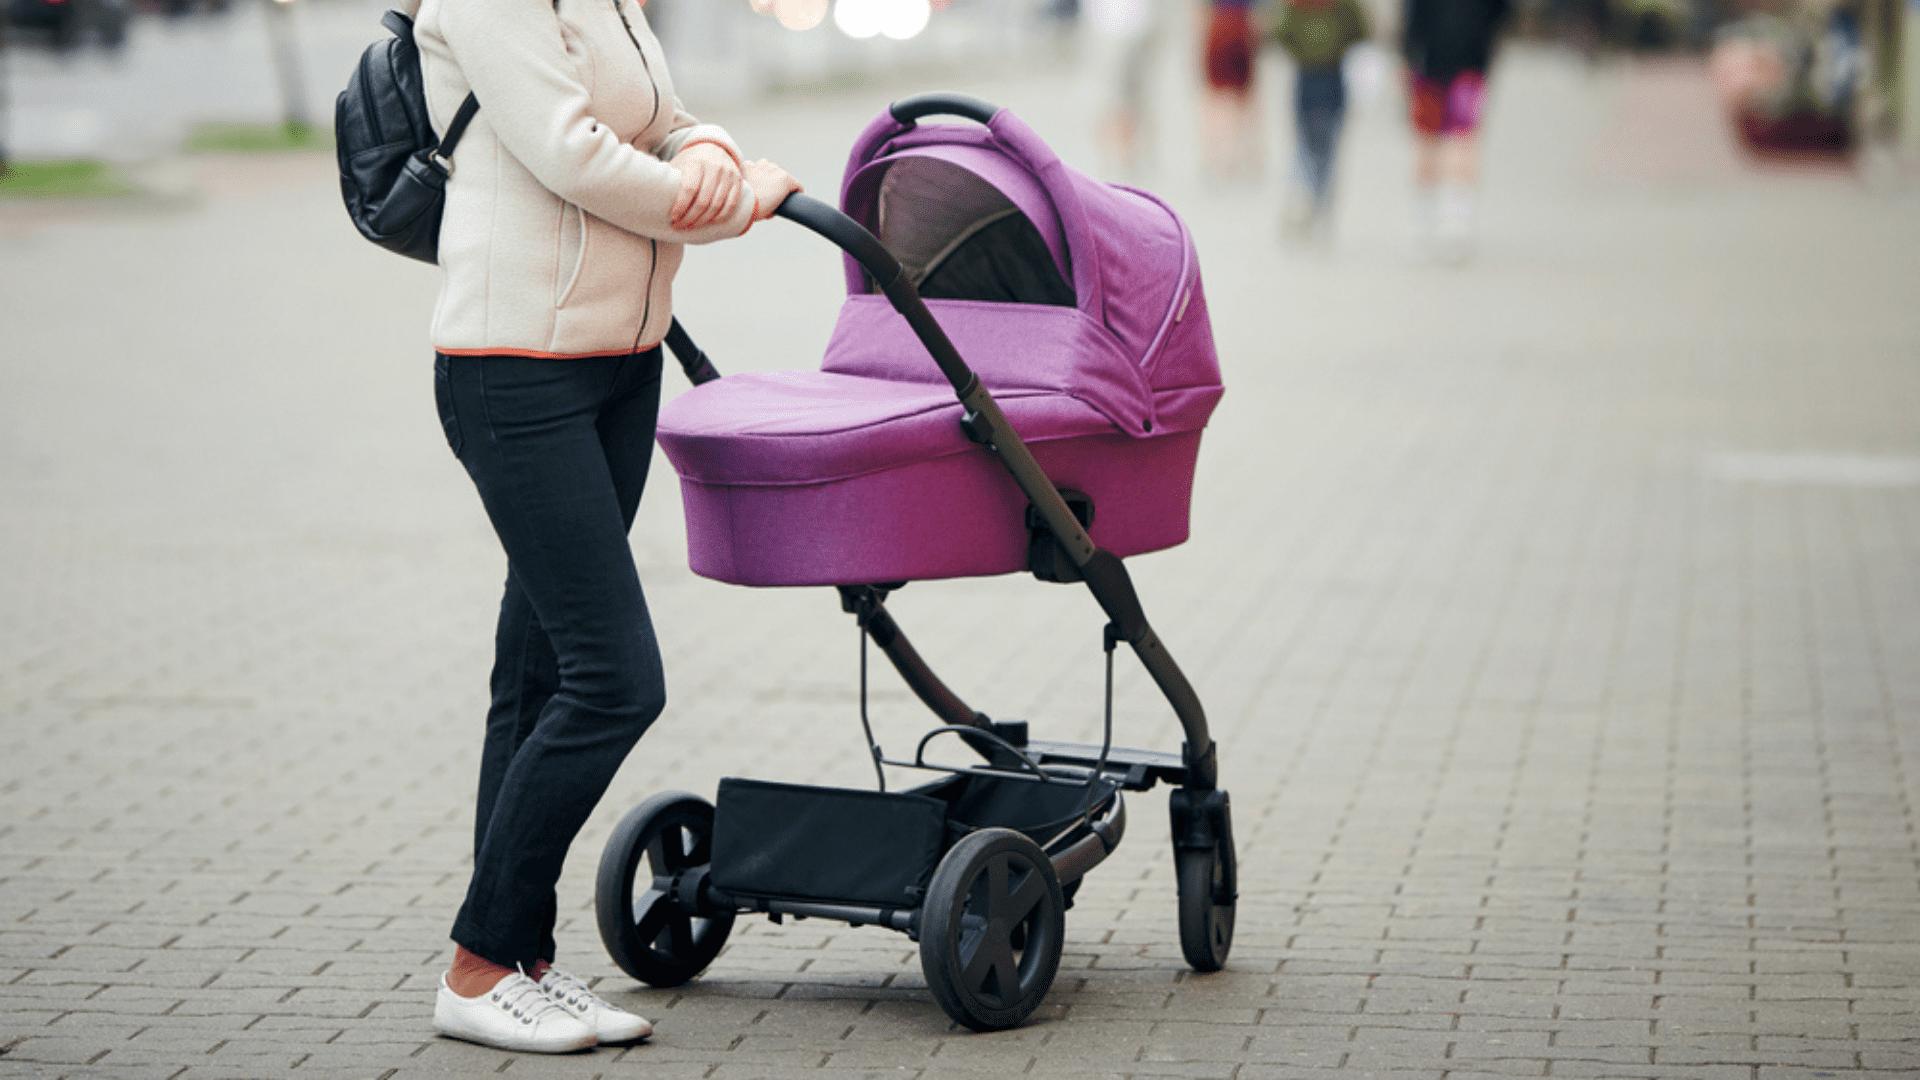 Por conta do tamanho, o Moisés pode ser mais confortável para o bebê (Imagem: Reprodução/Shutterstock)